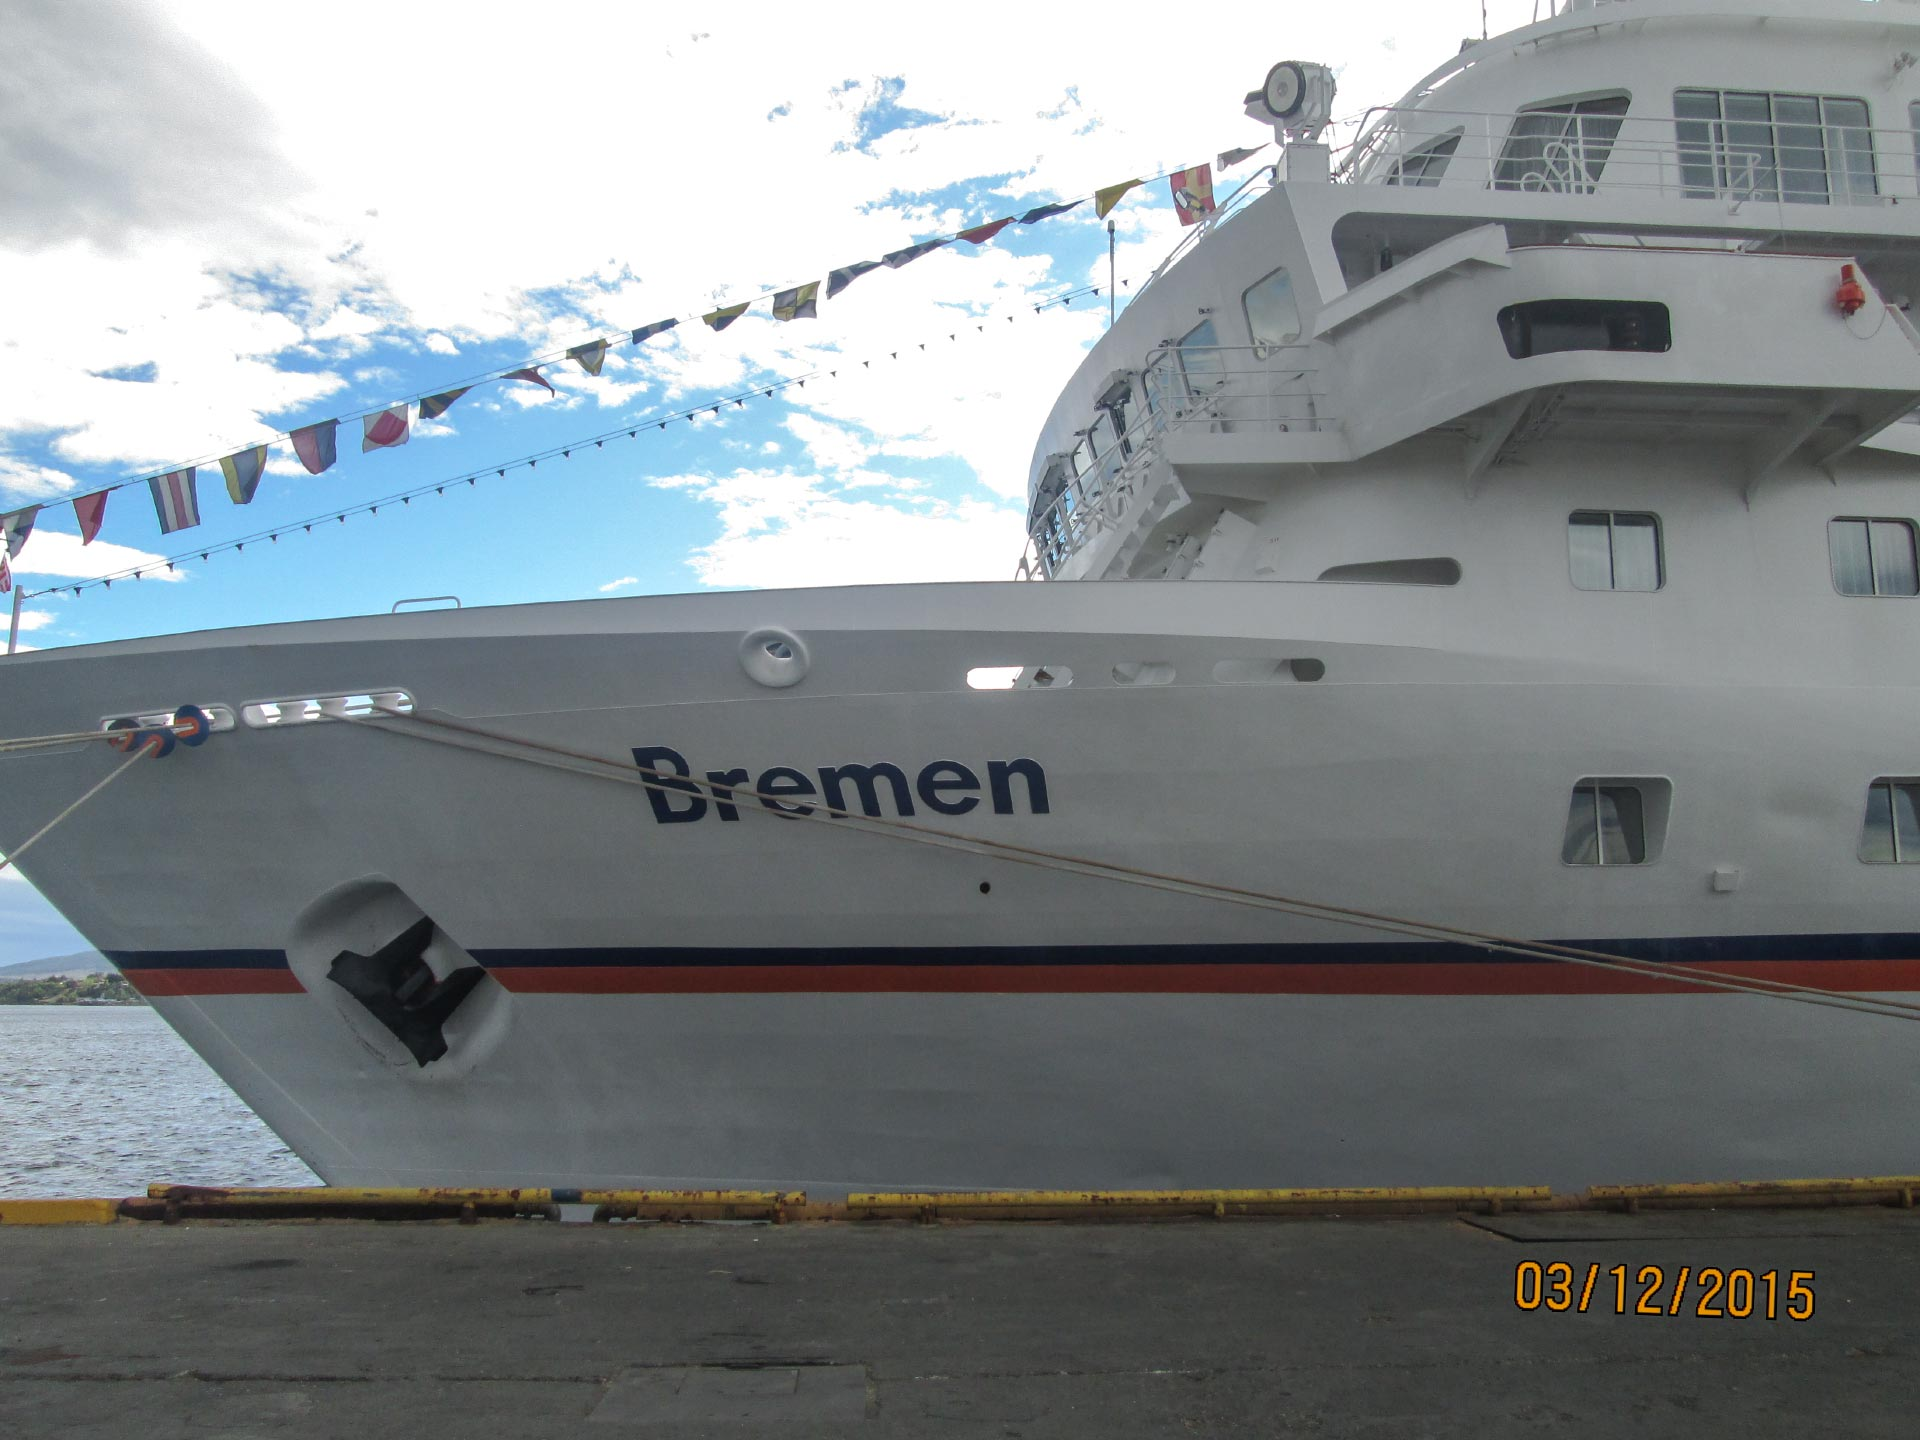 Die Bremen im Hafen von Puntarenas